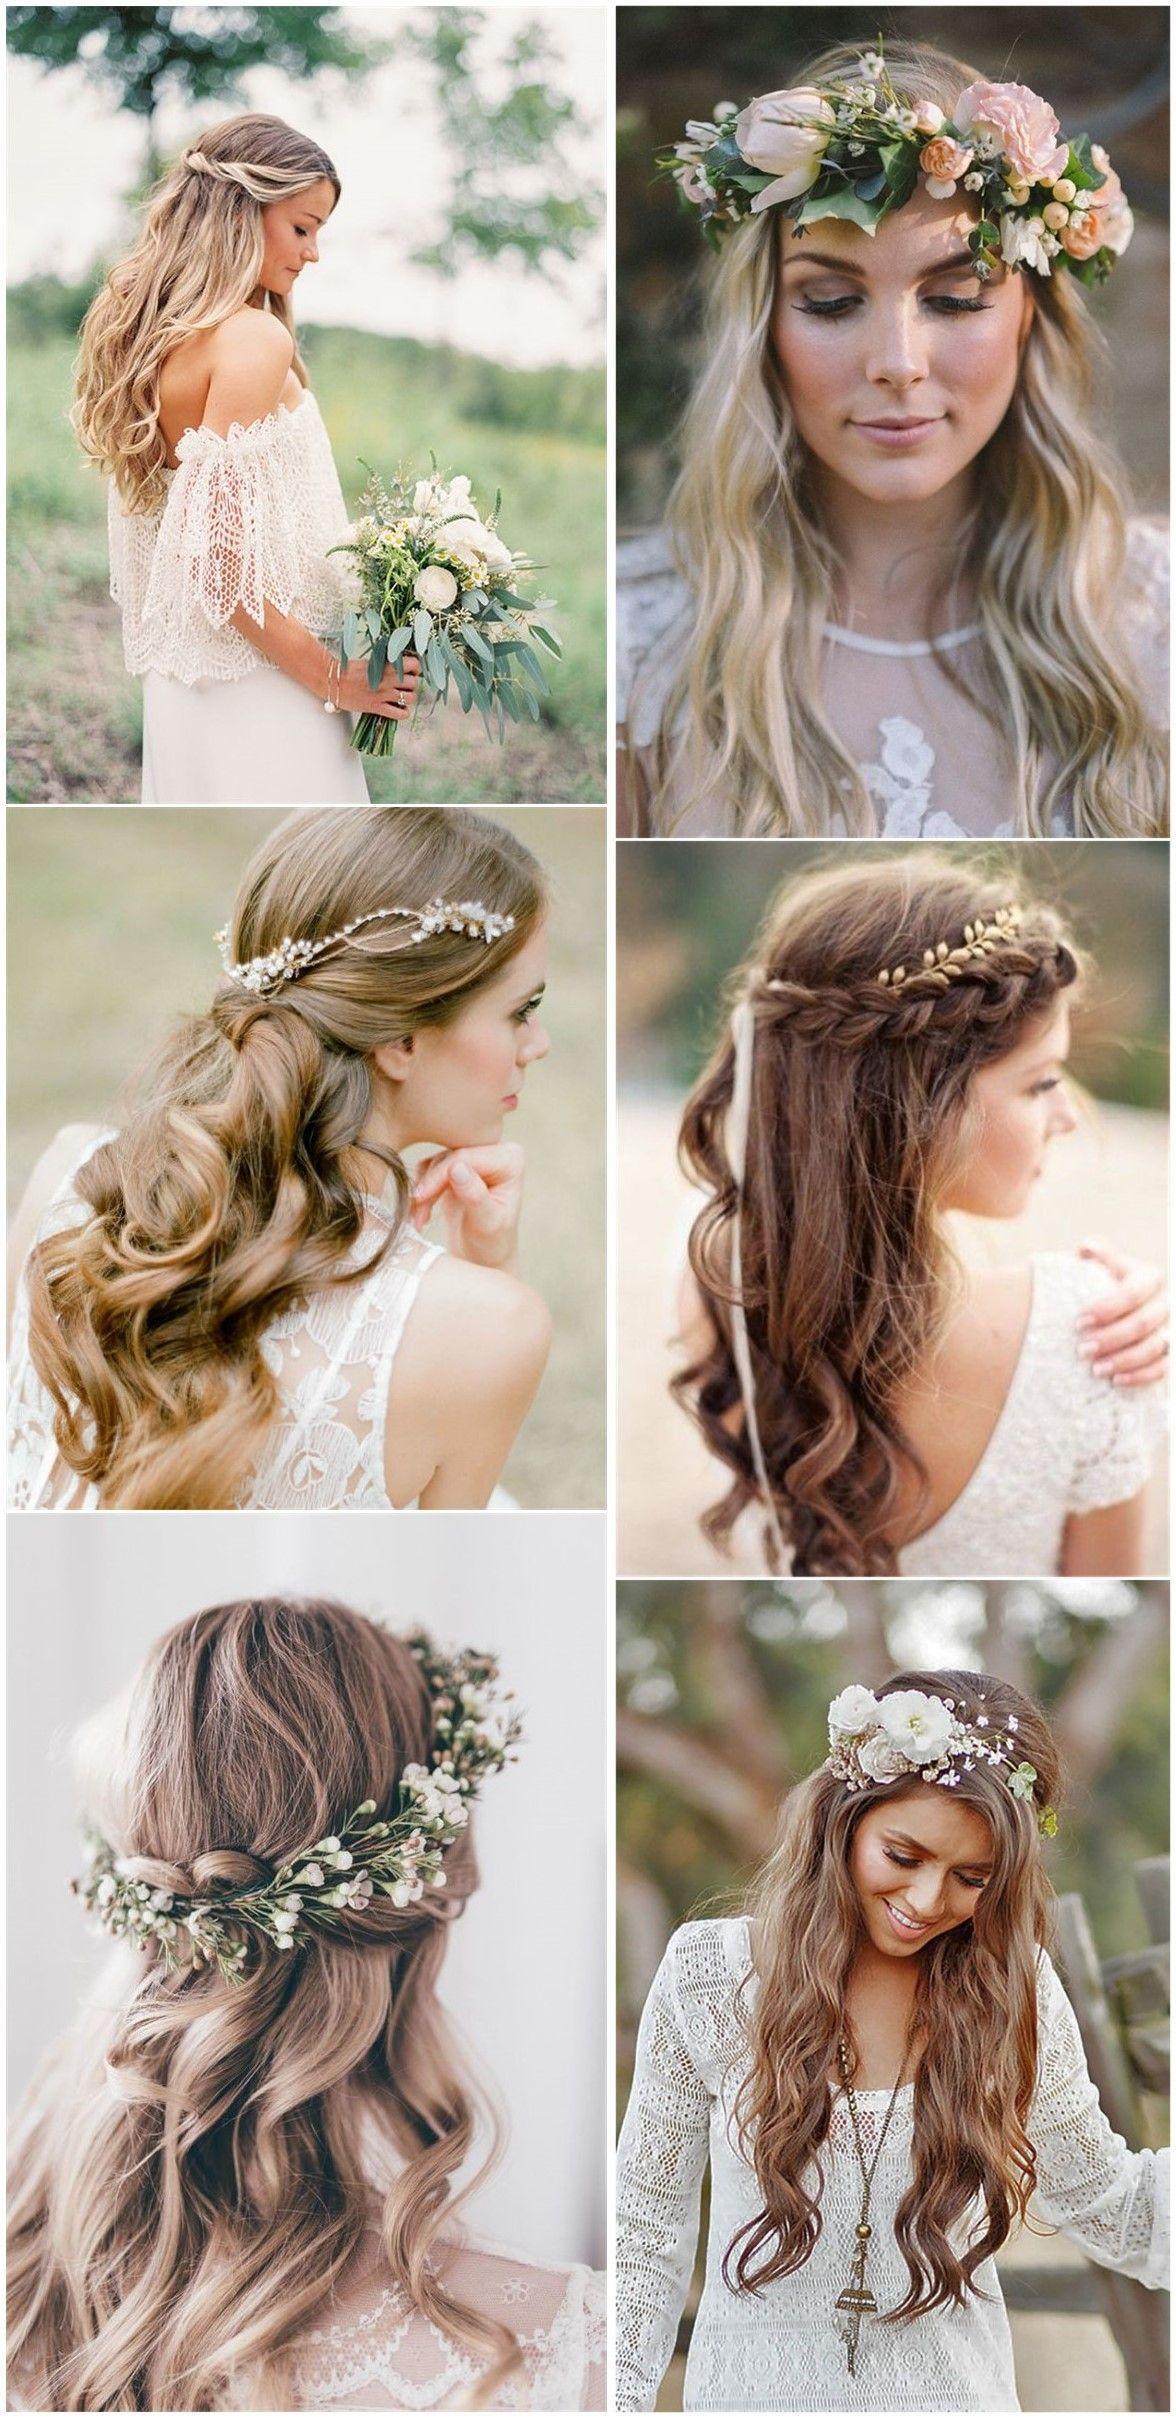 Wedding Hairstyles 21 Inspiring Boho Bridal Hairstyles Ideas To Steal Frisur Hochzeit Beste Hochzeitsfrisuren Hochzeitsfrisuren